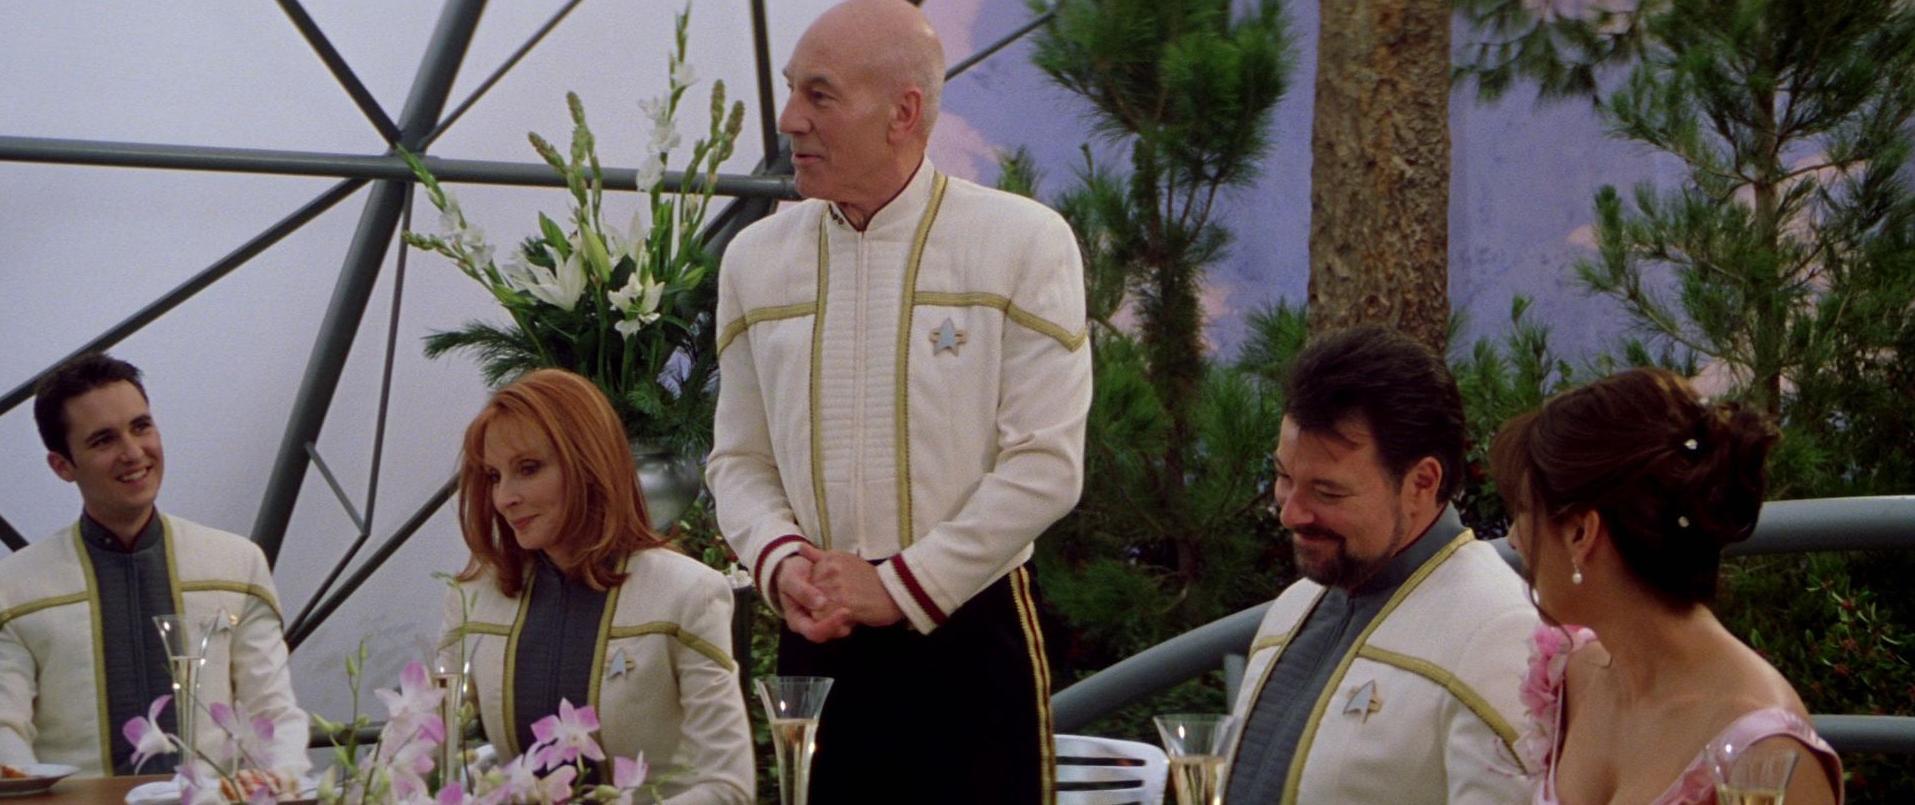 Picard hält Toast auf Hochzeit.jpg